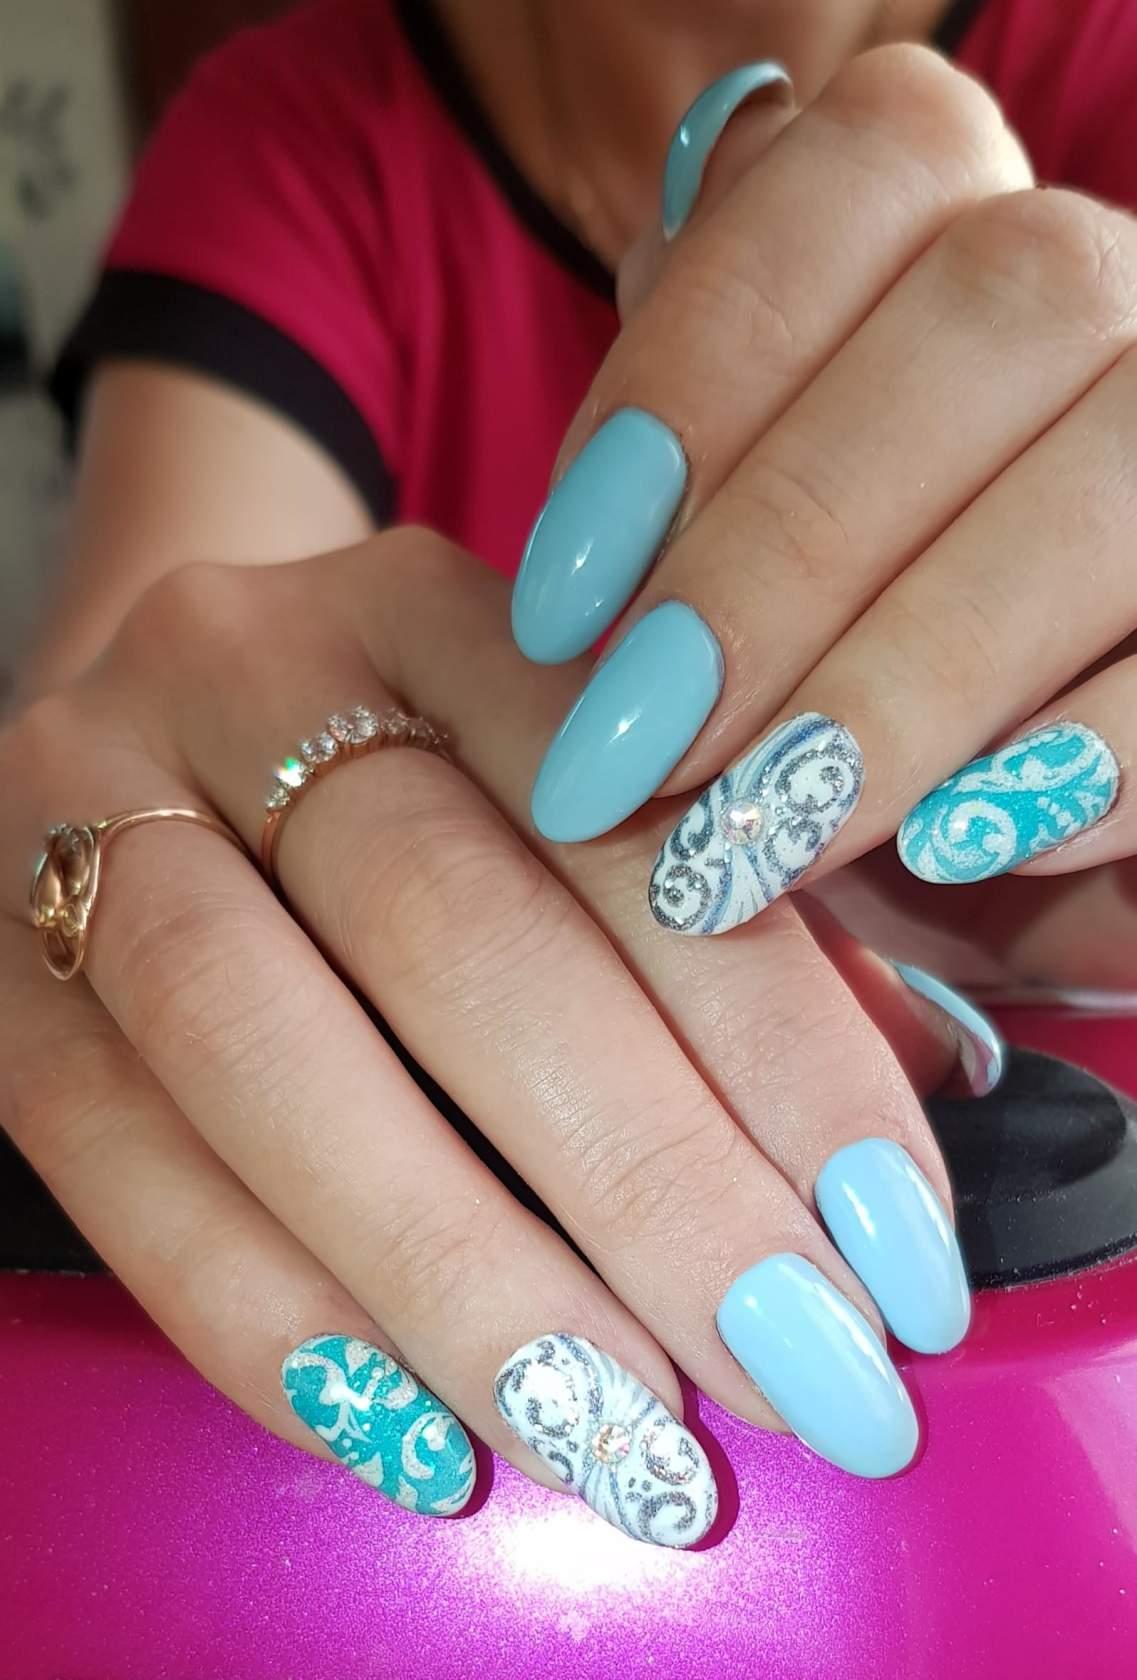 Маникюр с песочным кружевным дизайном и блестками в голубом цвете.